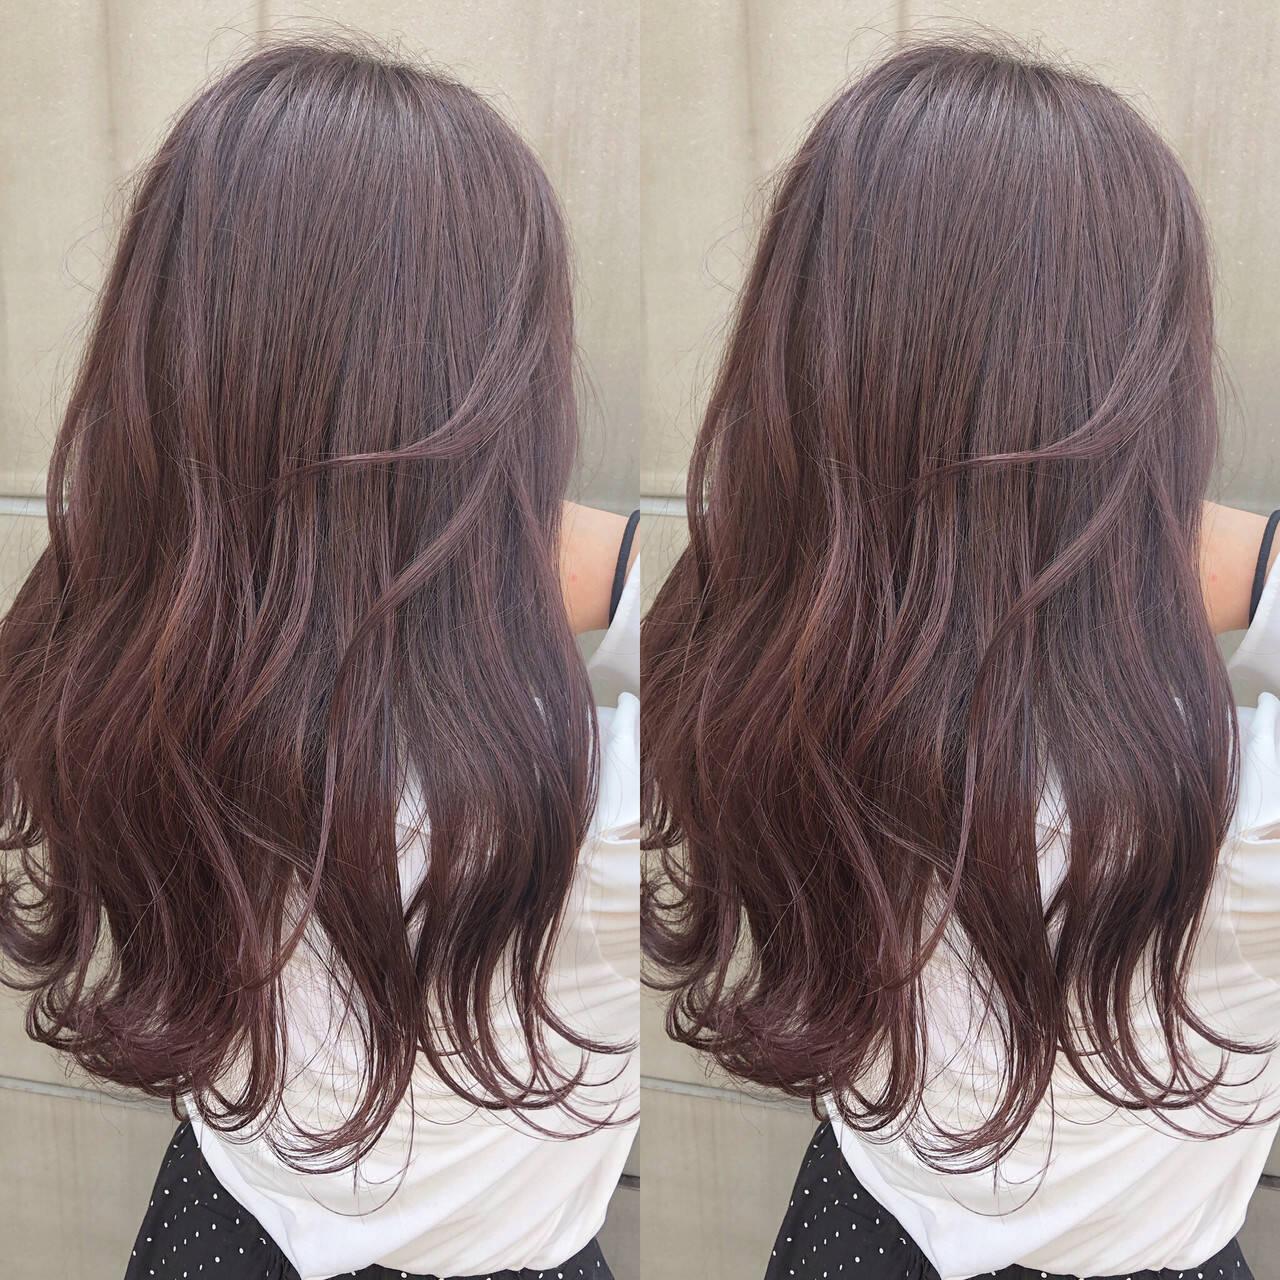 ヘアアレンジ ラベンダーピンク ラベンダーグレージュ 簡単ヘアアレンジヘアスタイルや髪型の写真・画像